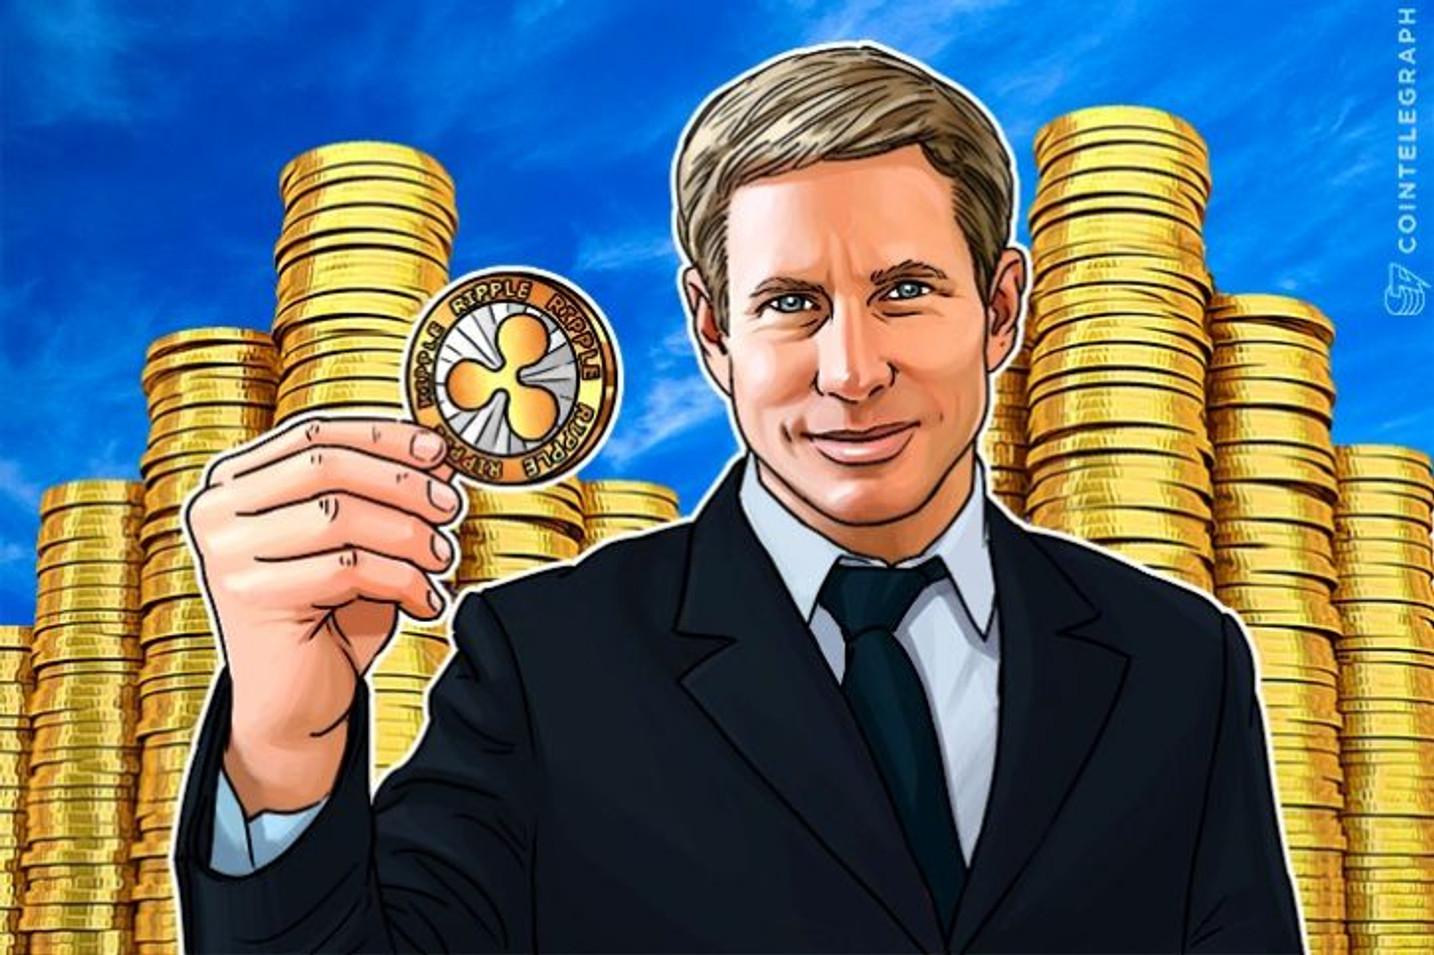 アメリカのブロックチェーン企業Rippleが、大手銀行を含む投資家から5500万ドルの資金調達